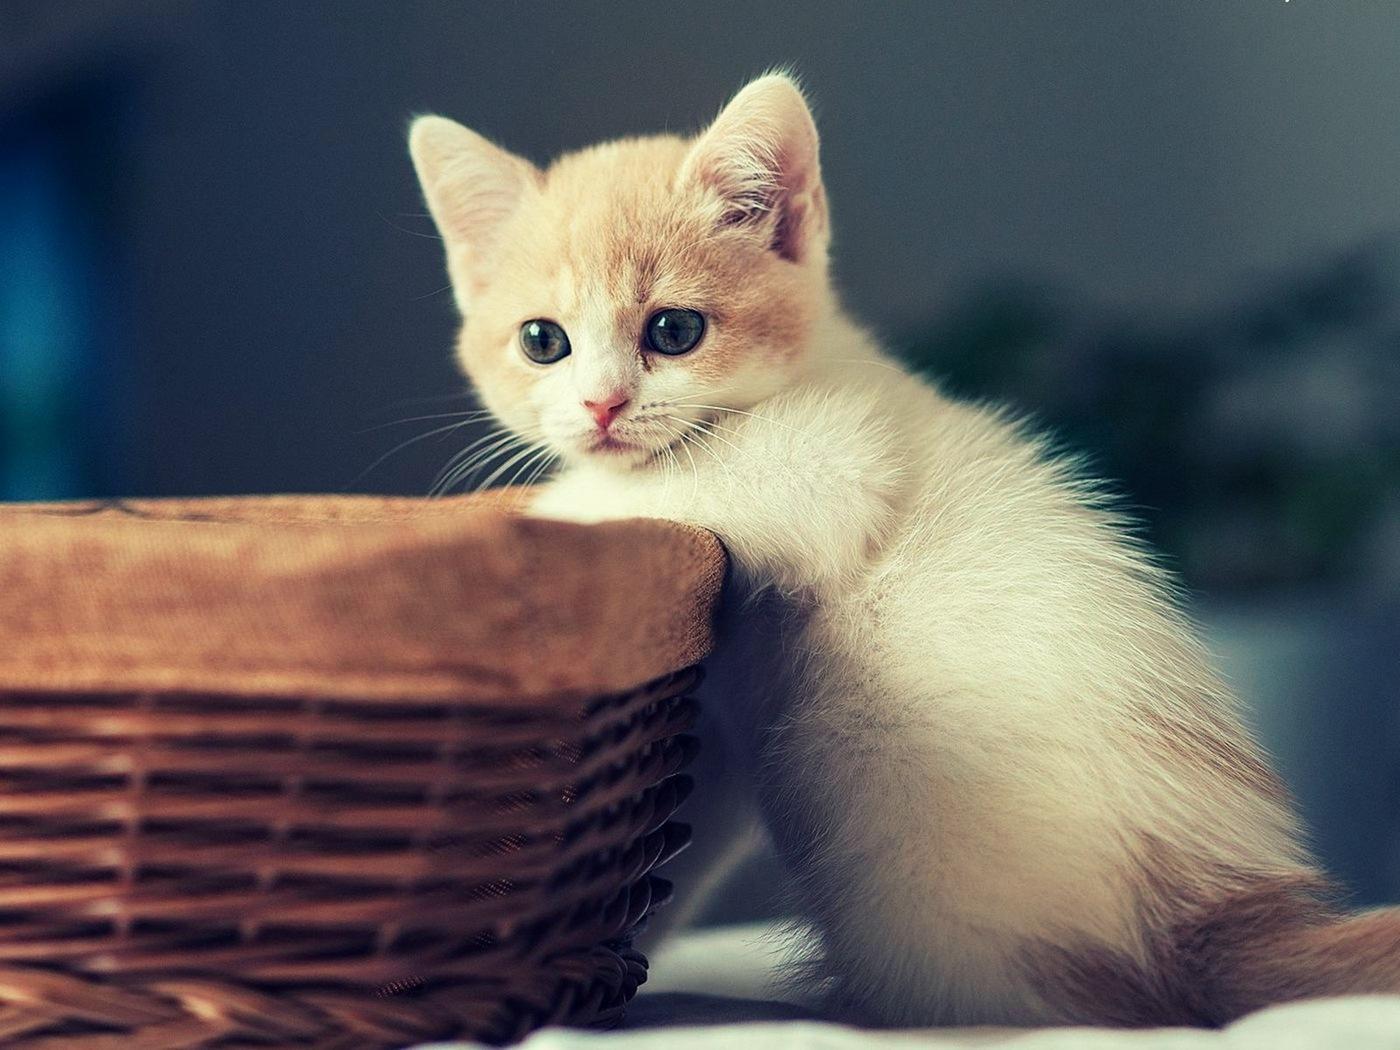 kitten_basket_sit_kid_91877_1400x1050 by abdhkmpld